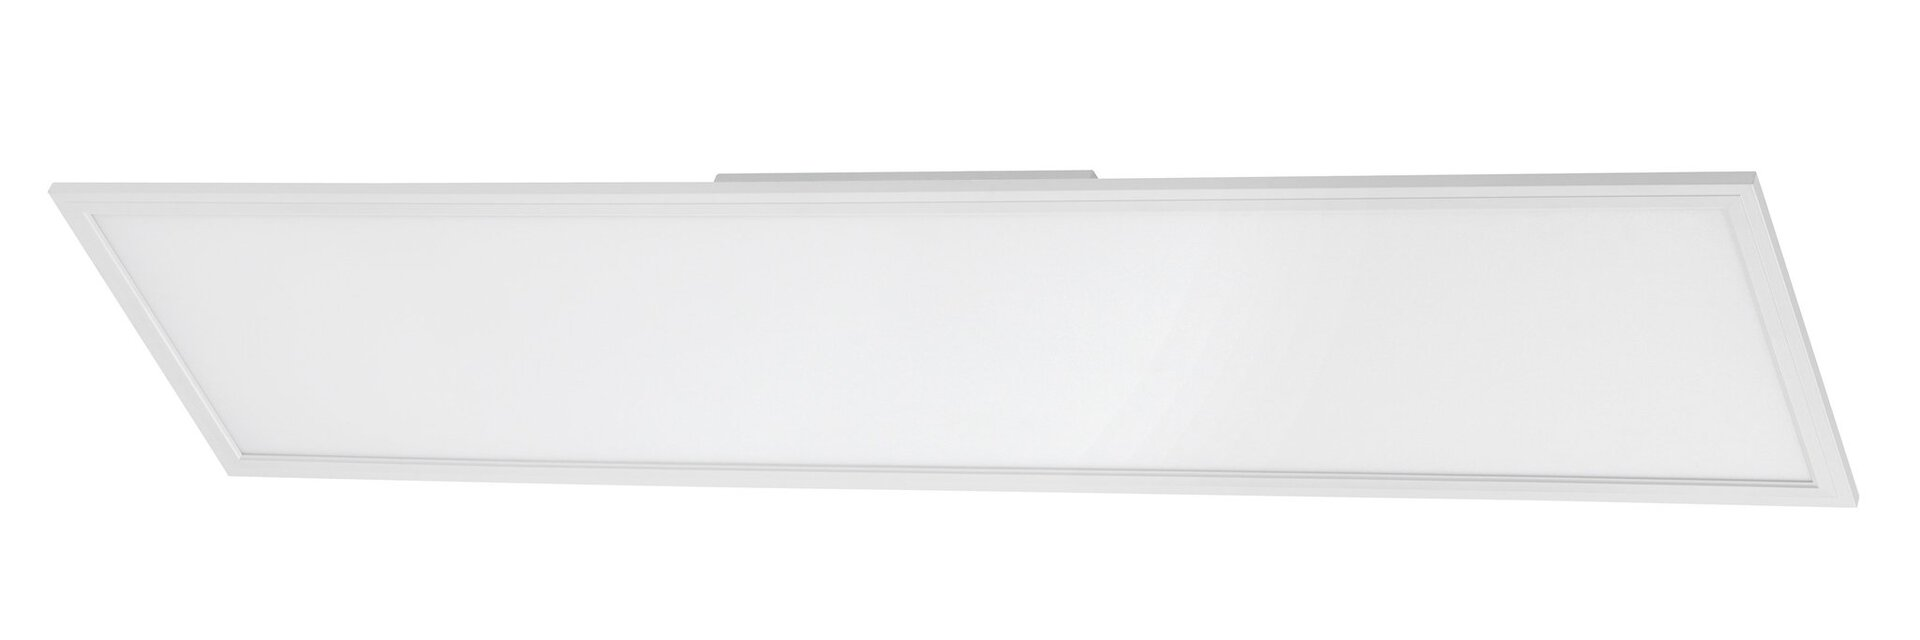 Deckenleuchte Piatto Briloner Metall weiß 30 x 5 x 120 cm